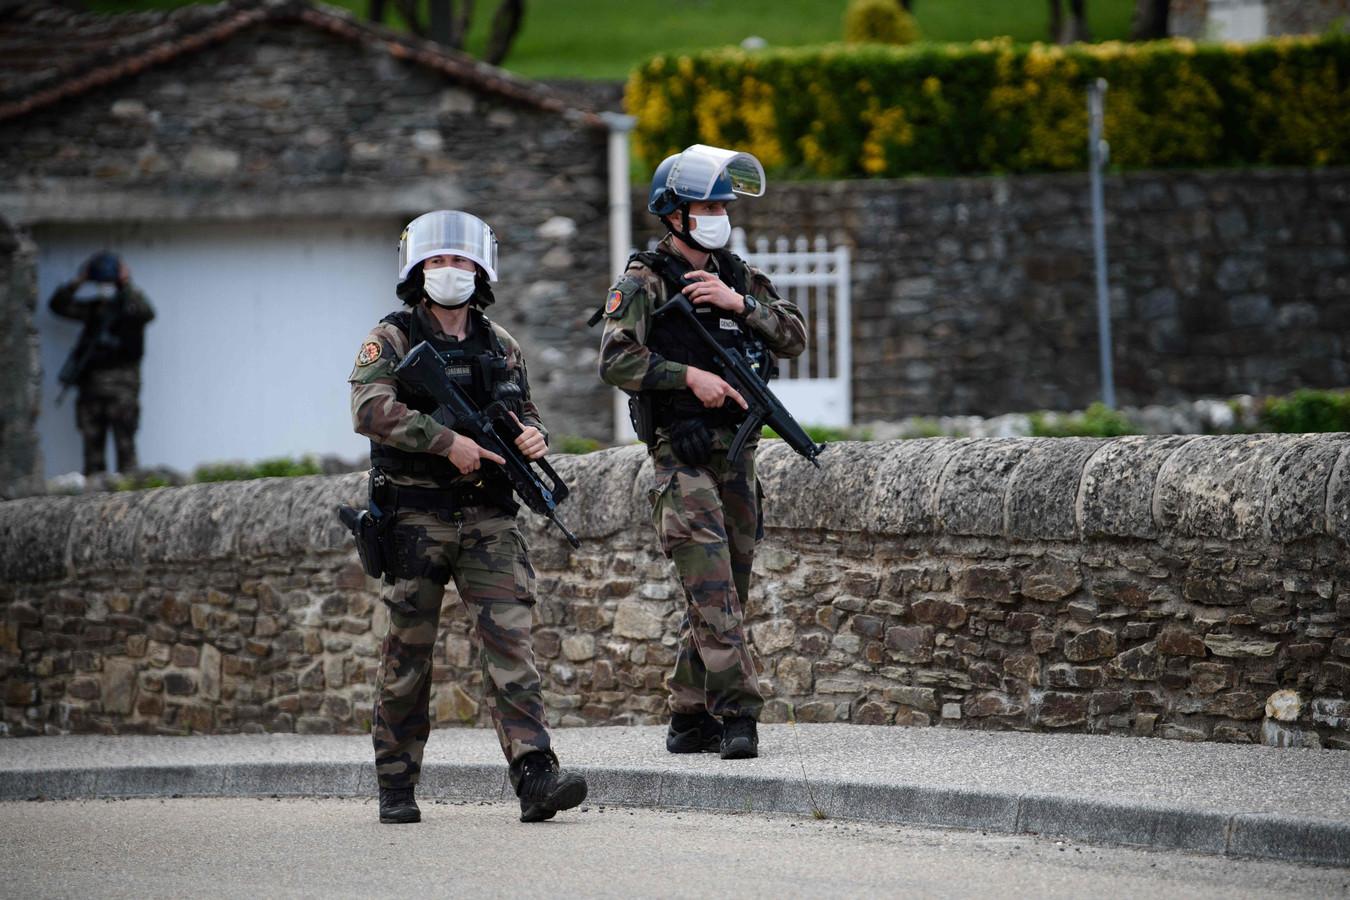 In het Franse gehucht Les Plantiers en omliggende dorpen wordt gepatrouilleerd door de politie. Ze zijn op zoek naar Valentin Marcone. De inwoners van het gehucht zijn gevraagd om zoveel mogelijk binnen te blijven.